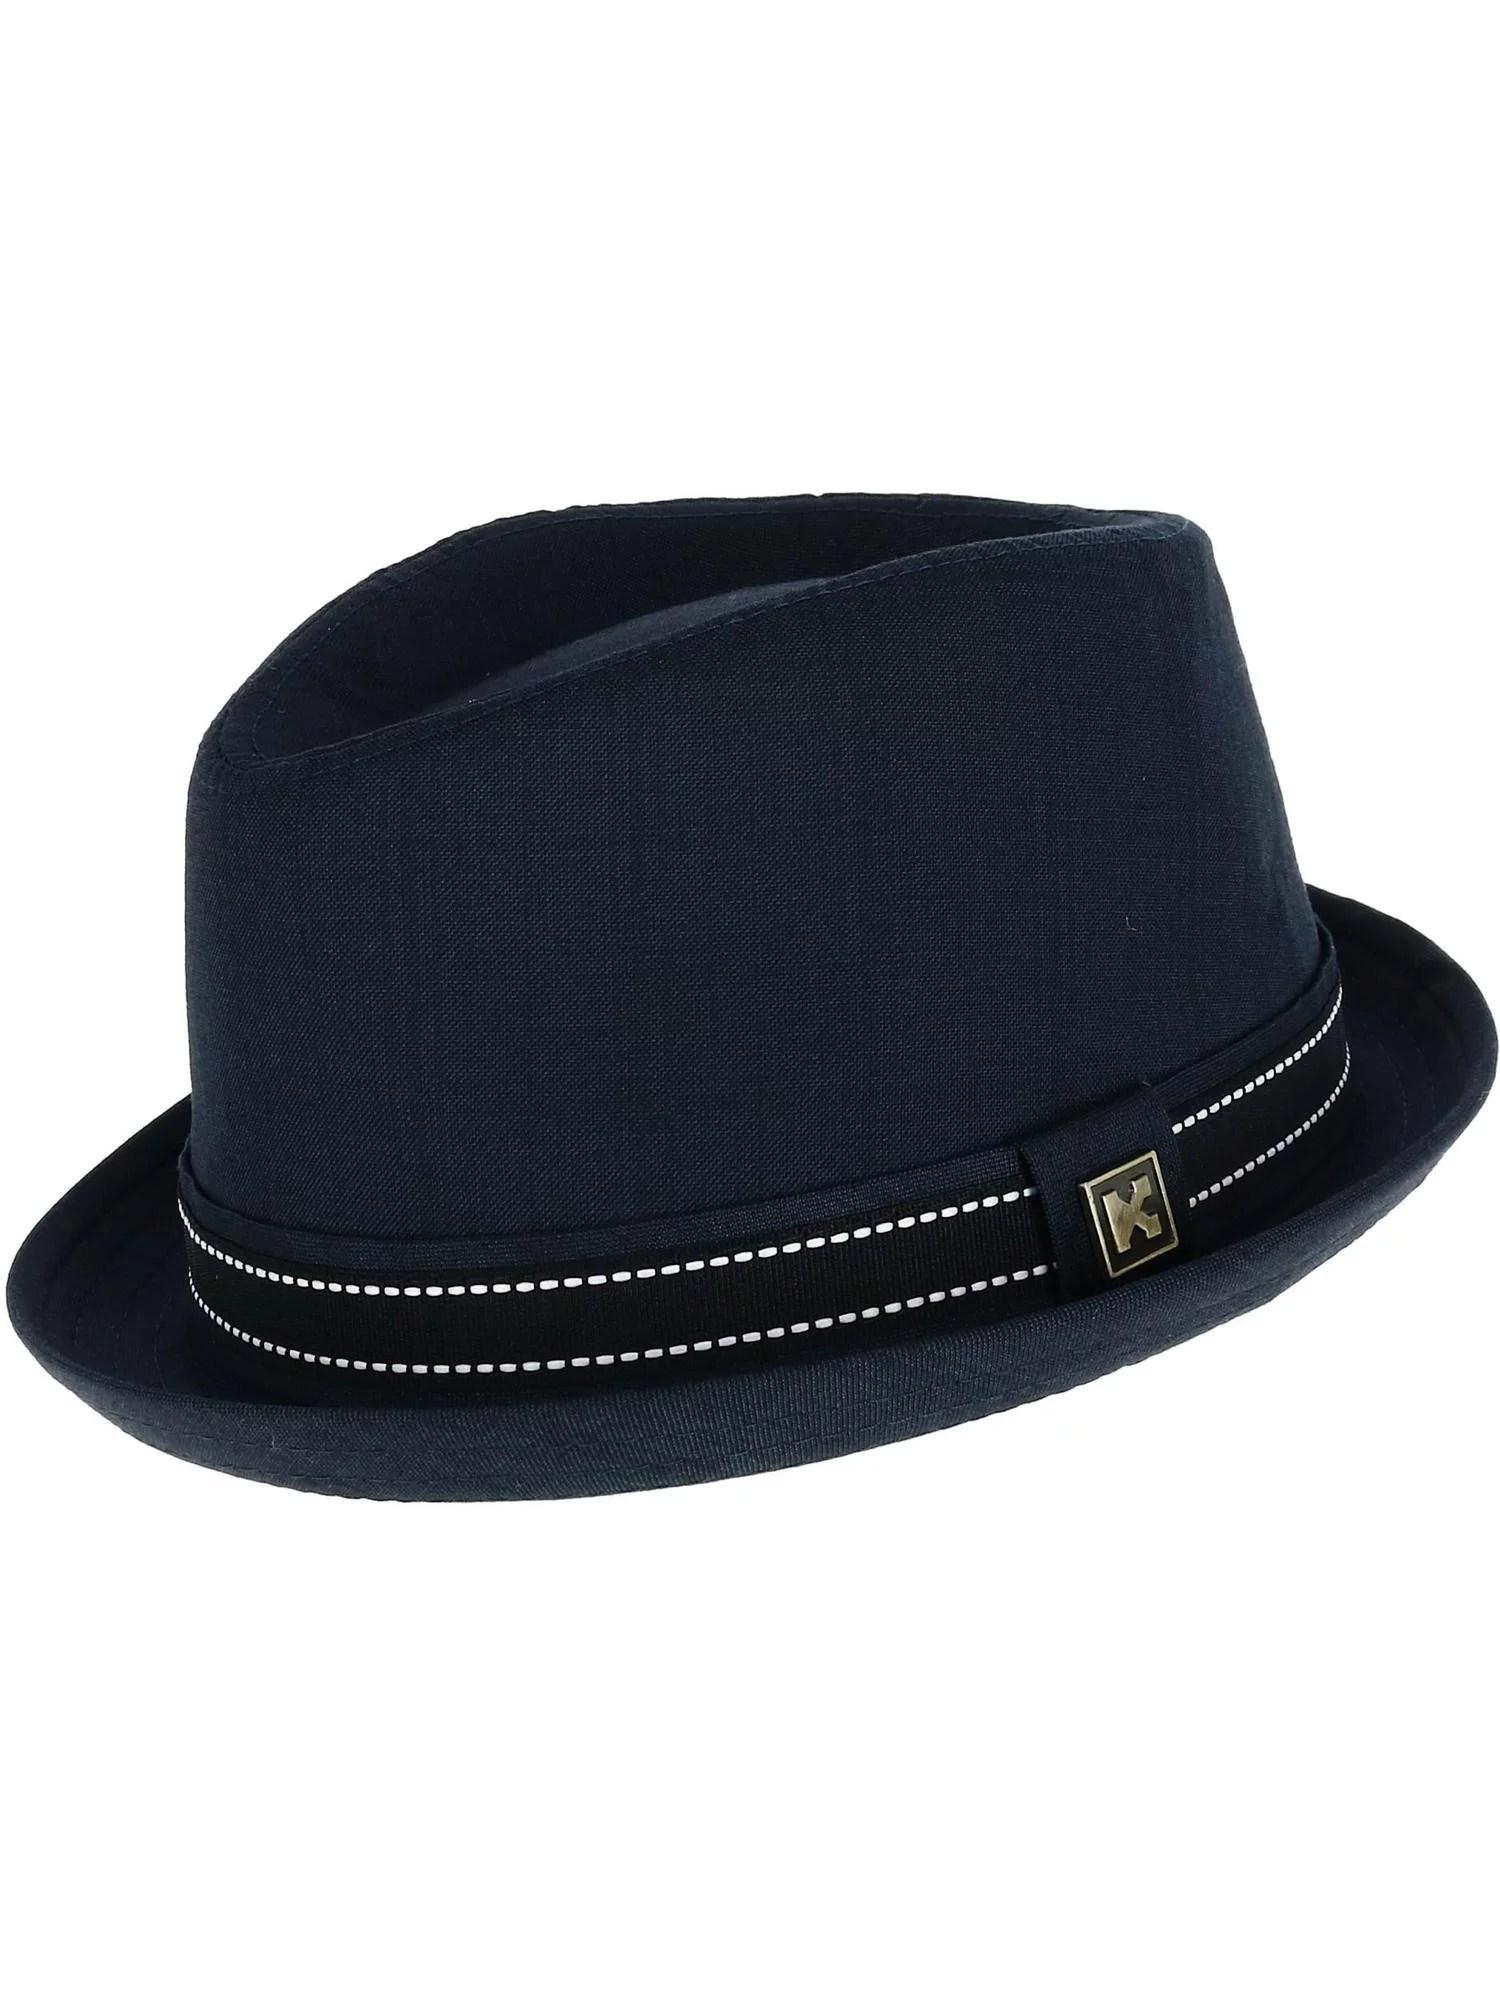 Men Hats Fedora Walmart d01f651cc7e7